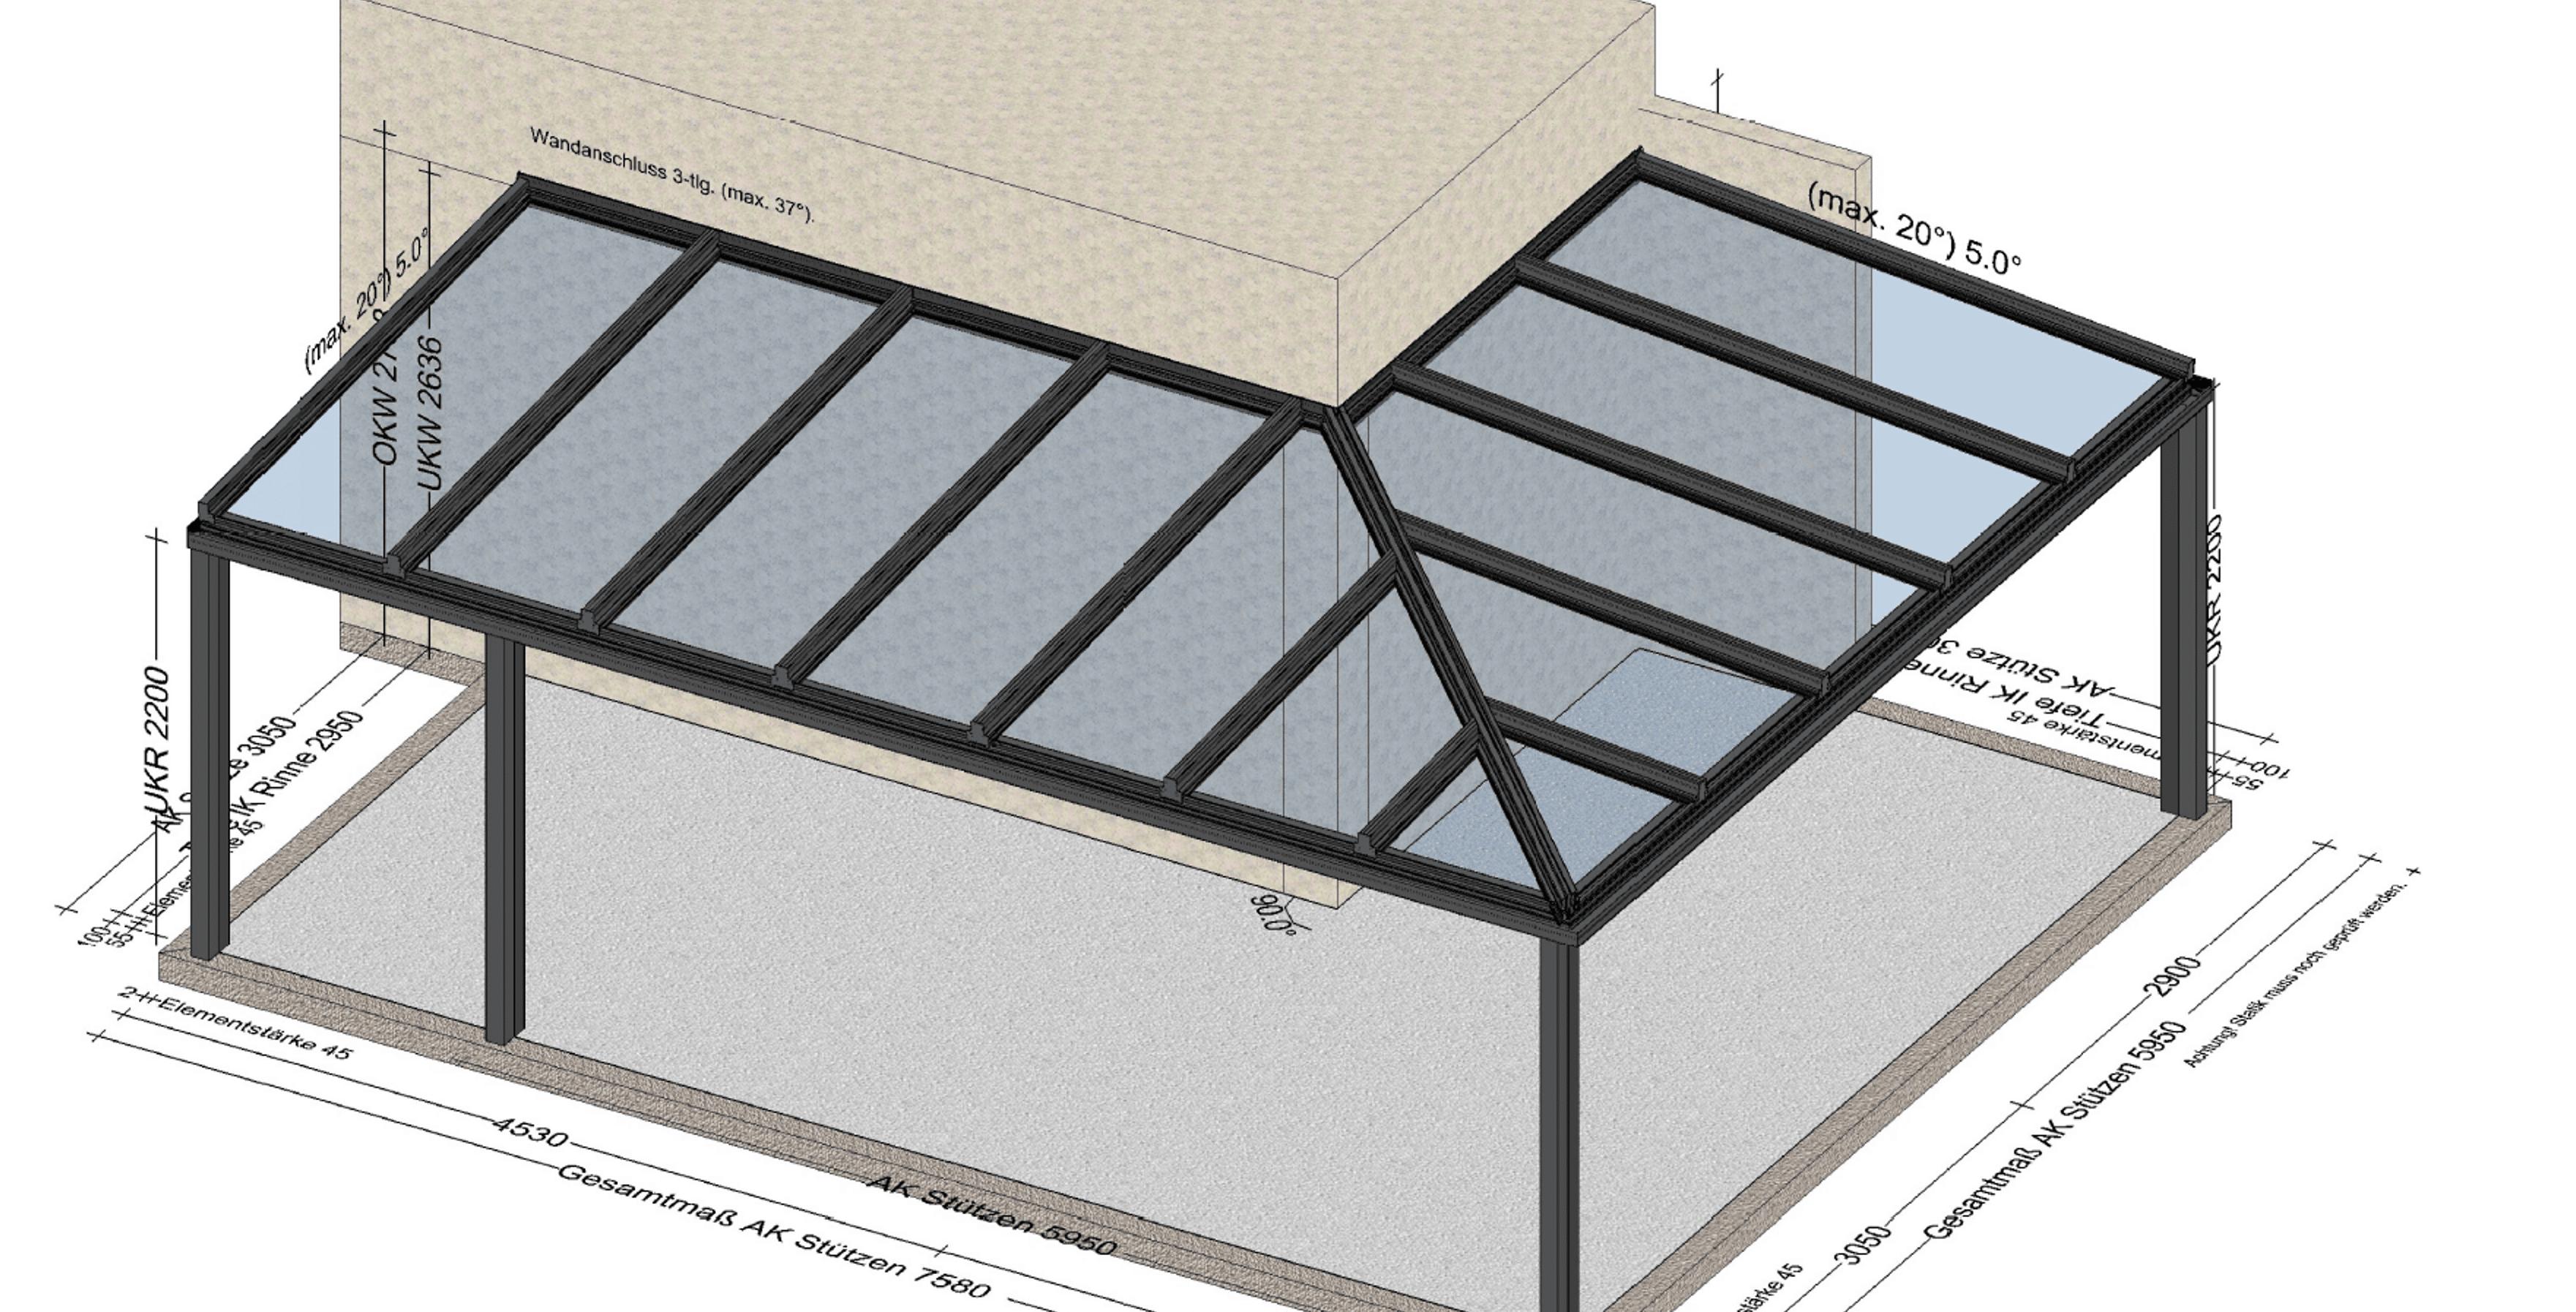 Terrassenüberdachung Ideen für Eckkonstruktion